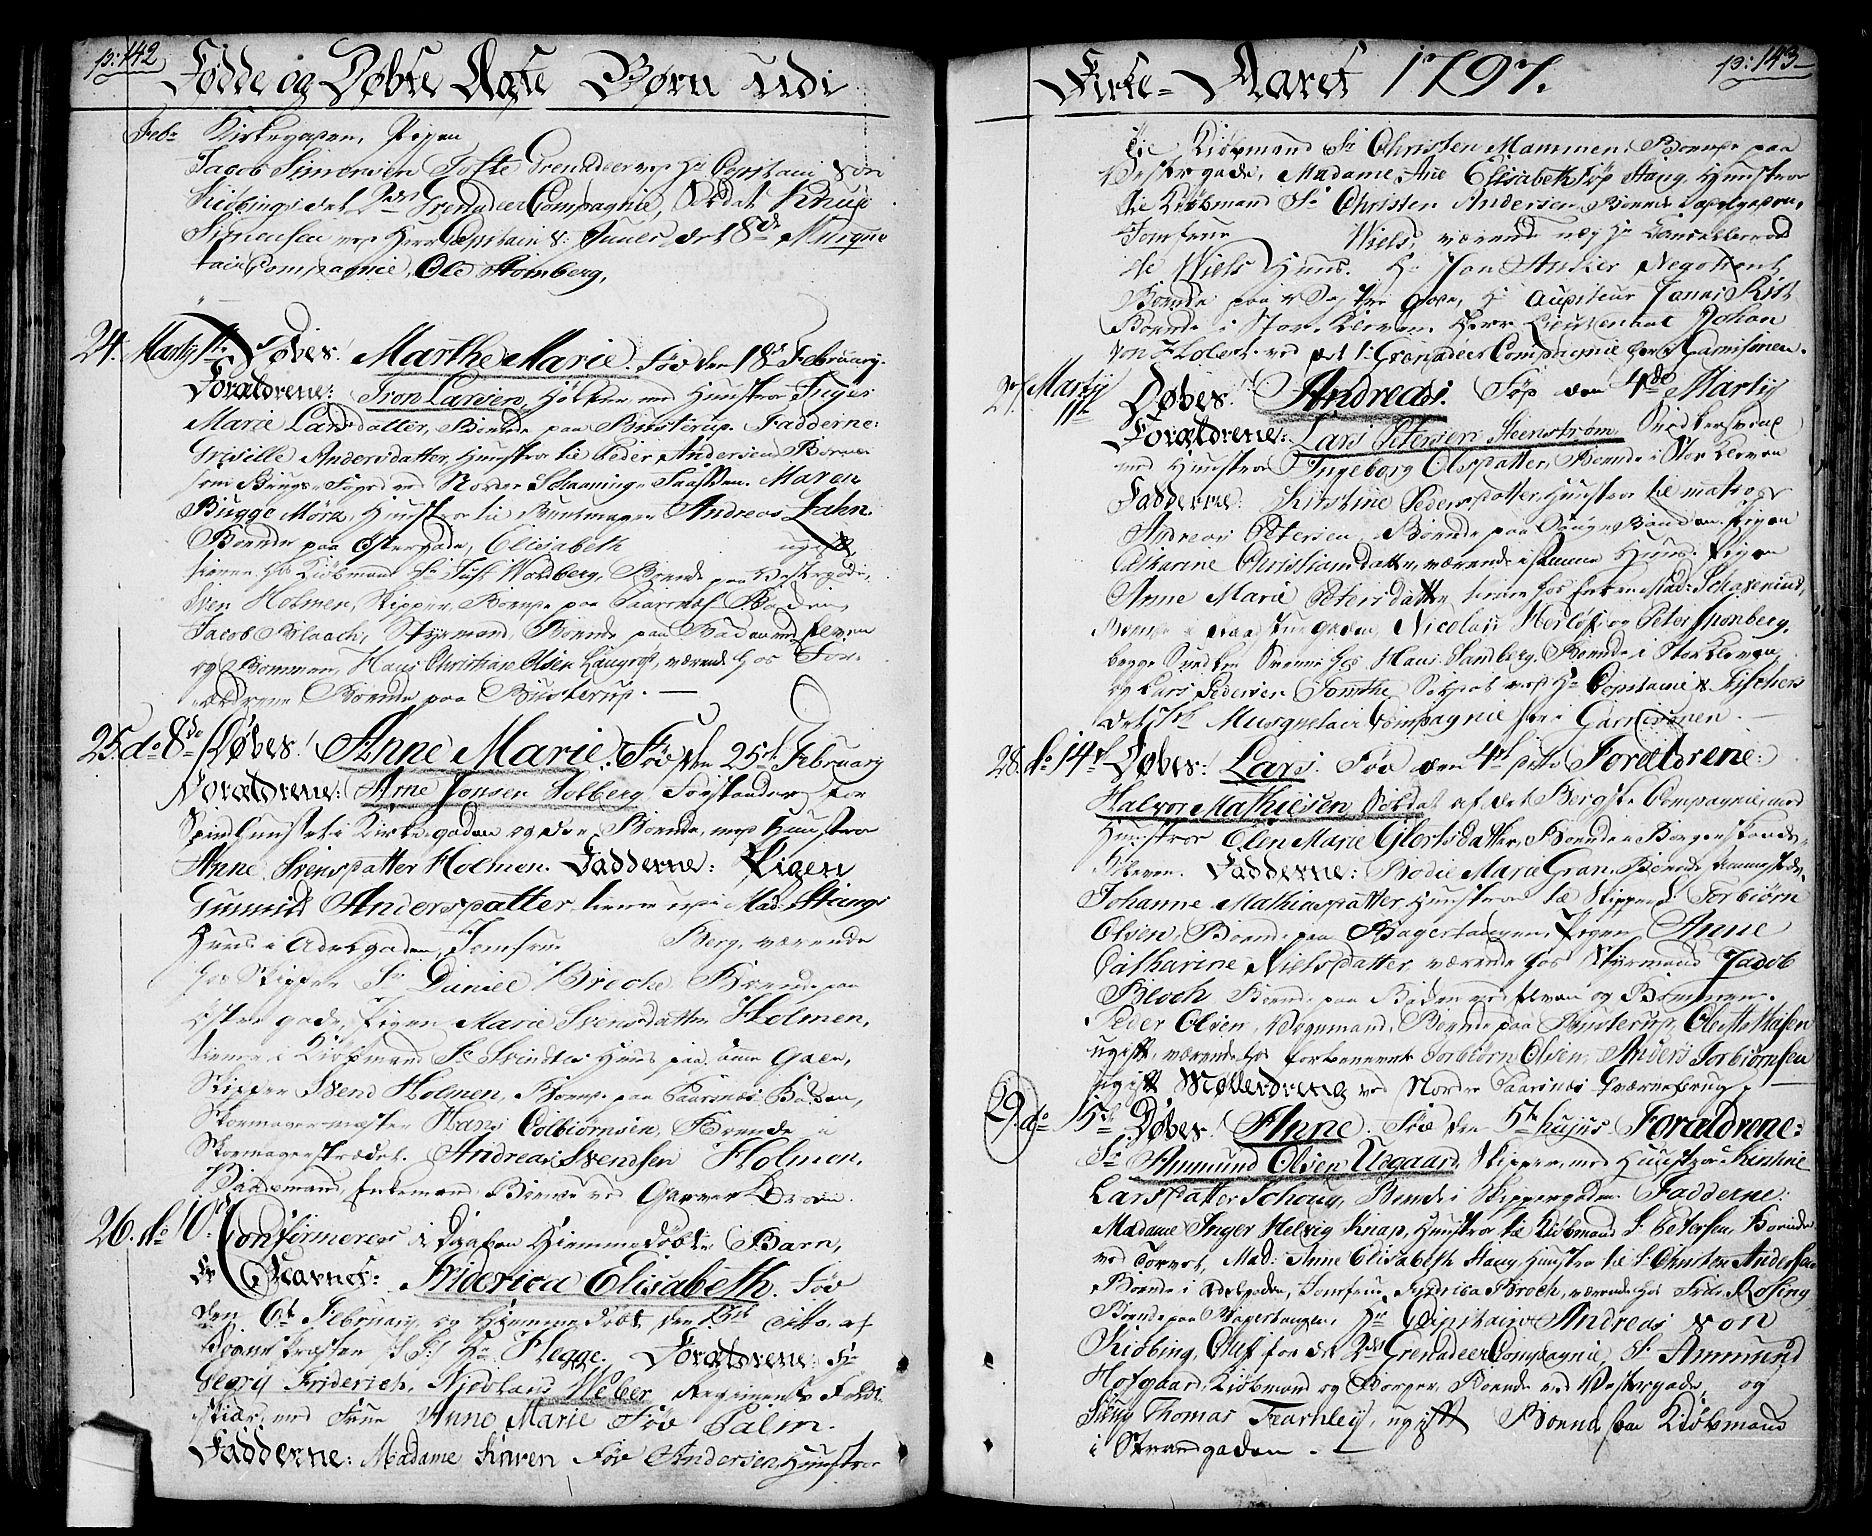 SAO, Halden prestekontor Kirkebøker, F/Fa/L0002: Ministerialbok nr. I 2, 1792-1812, s. 142-143